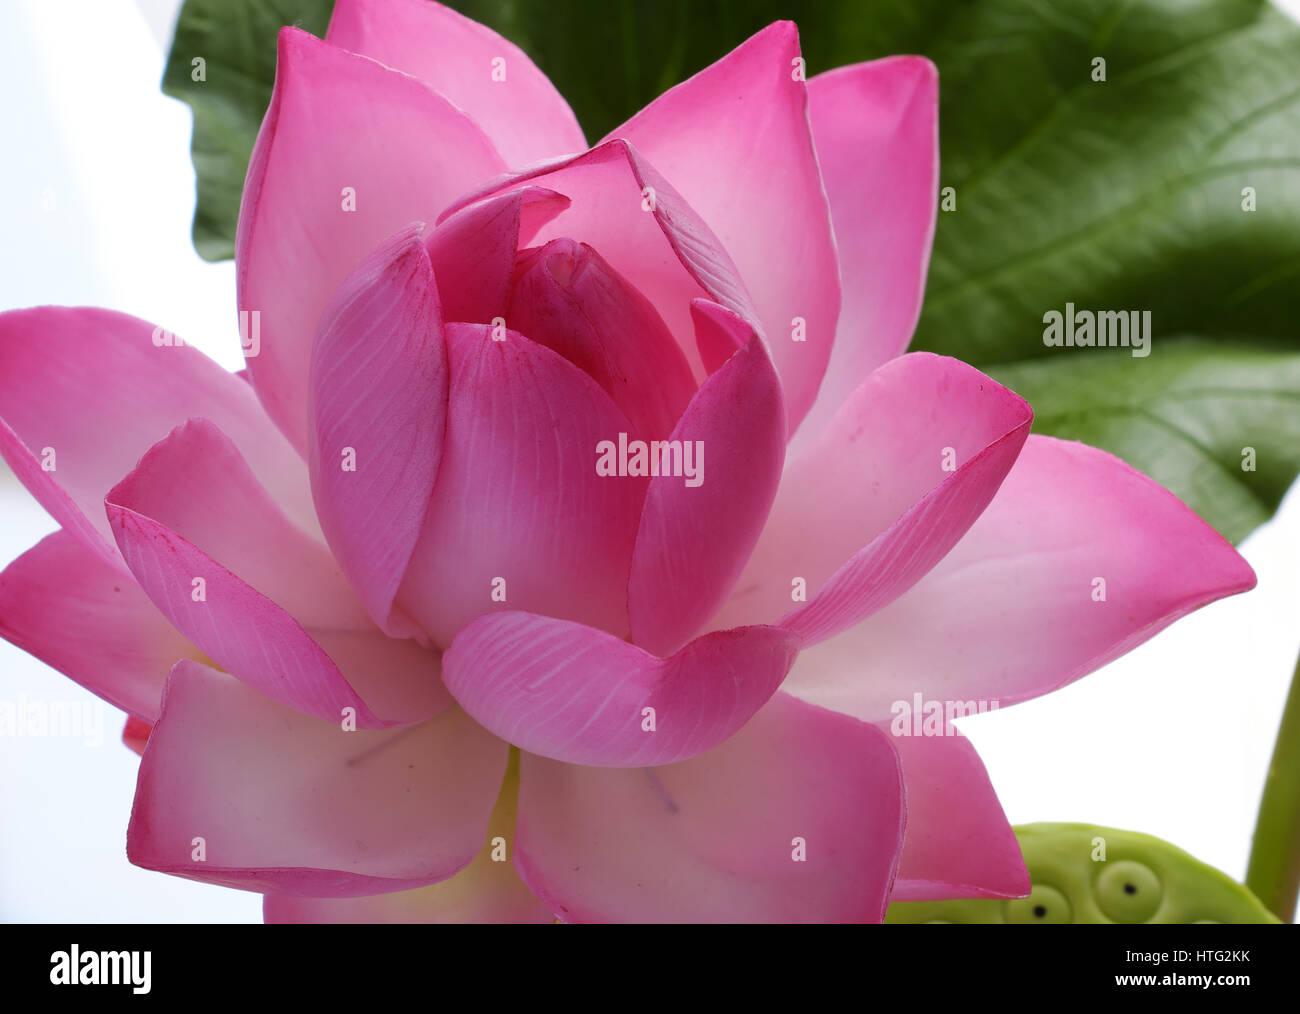 L Argile A La Main Fleurs Artificielles Fleur De Lotus Avec Vert